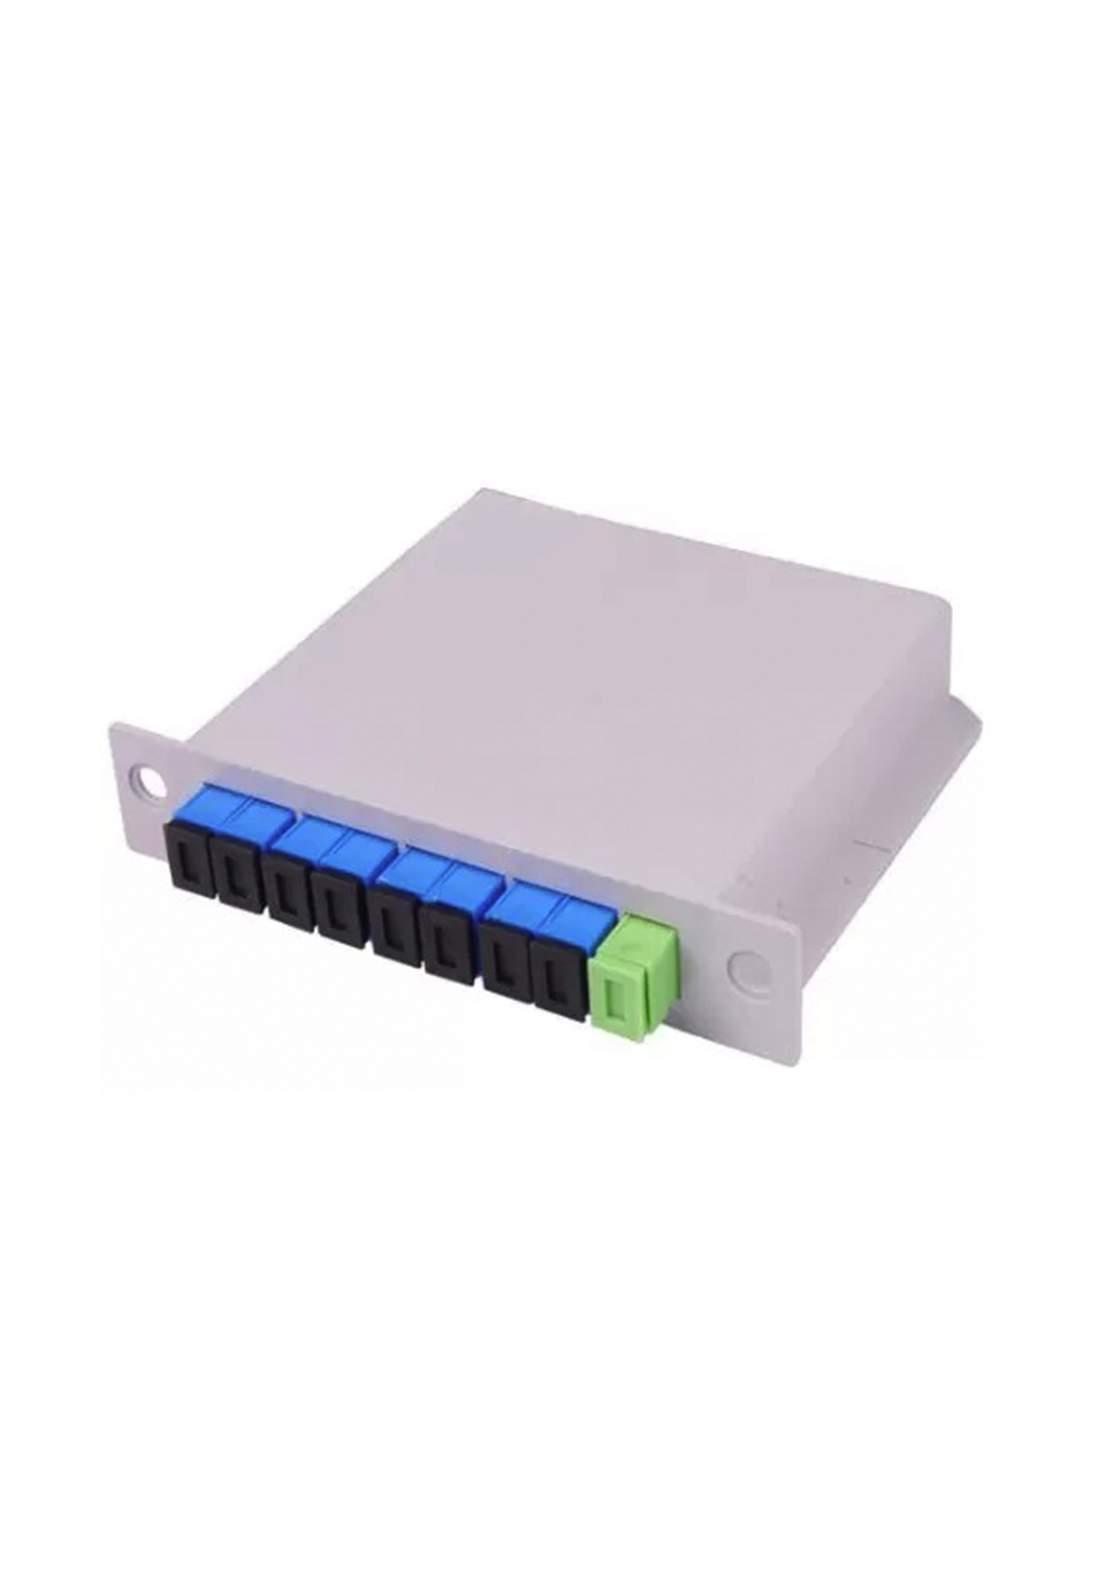 STS Fiber Optic Splitter 1X2 - Silver جهاز تقسيم الألياف البصرية